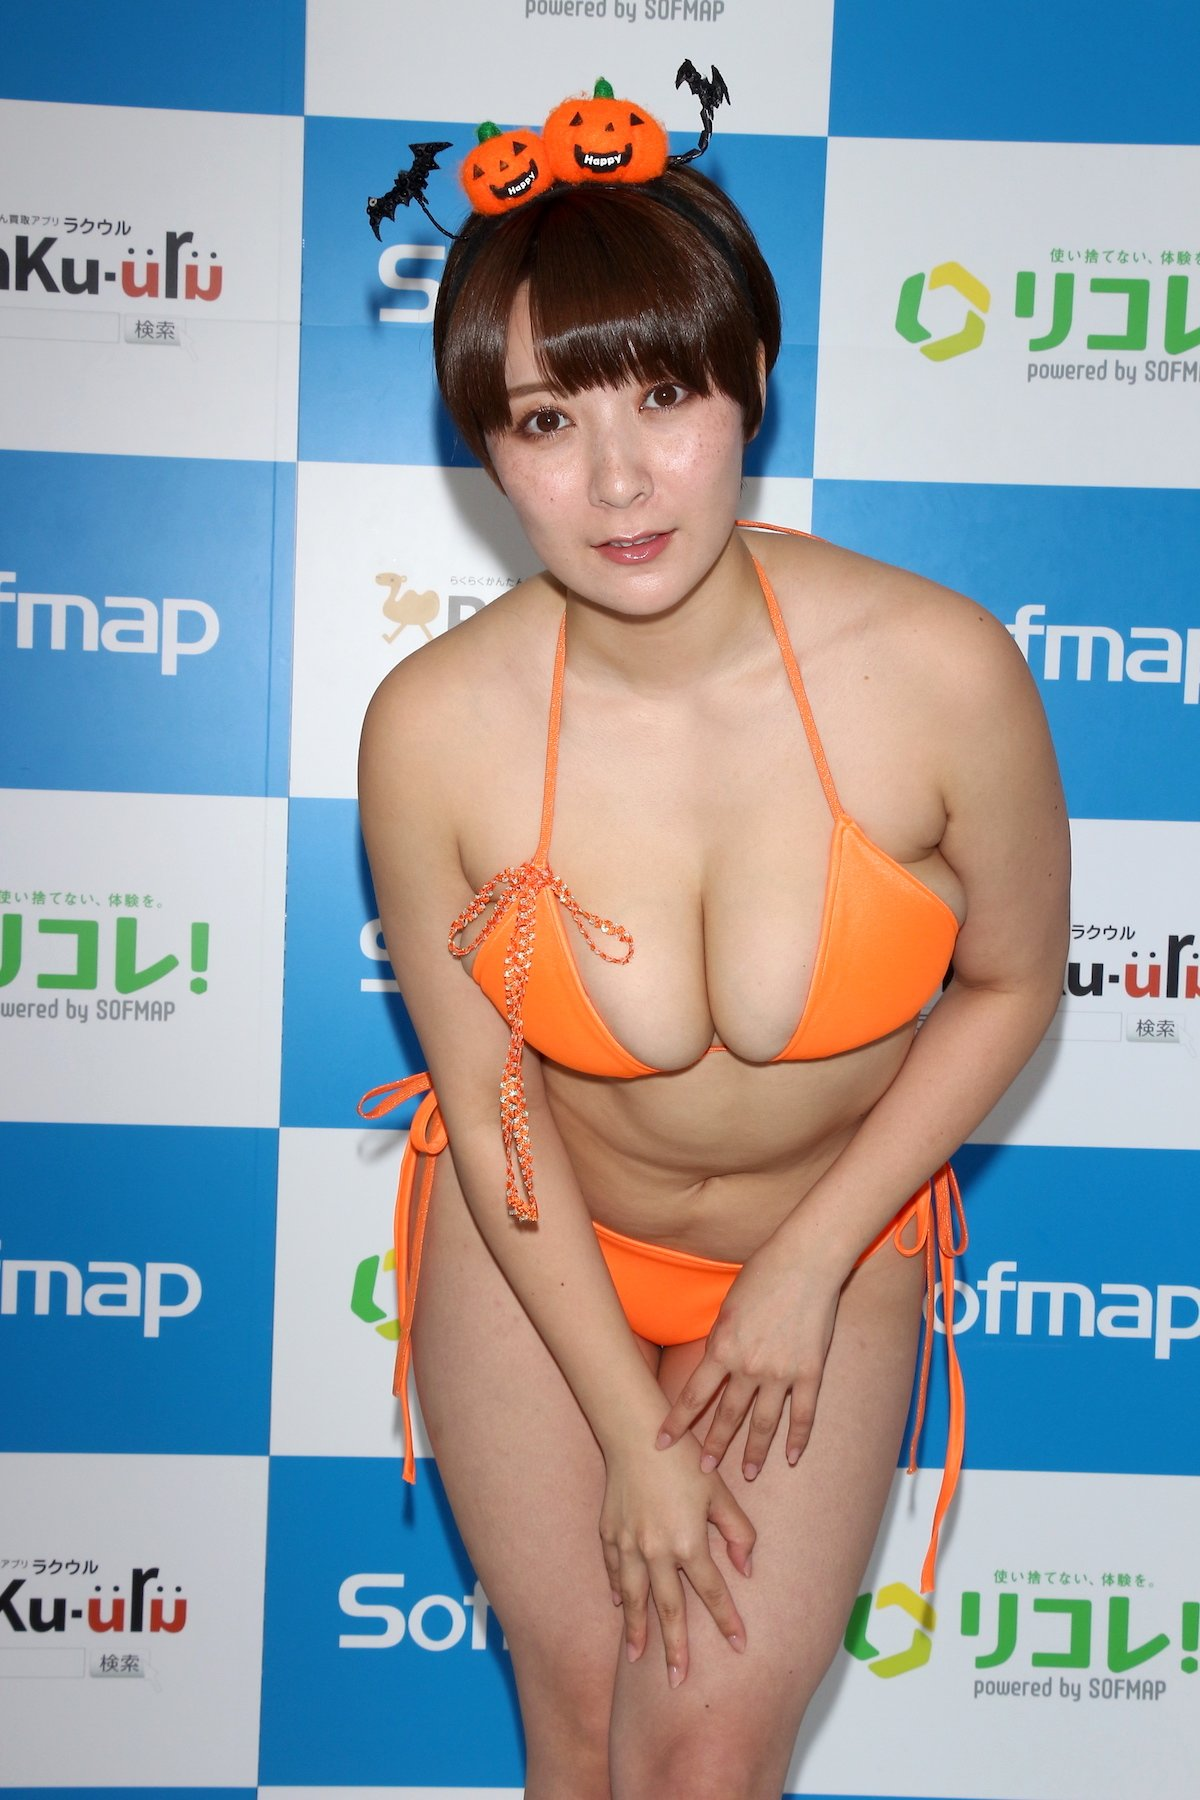 紺野栞「SM嬢に初挑戦」ムチを覚えて感動しました【画像49枚】の画像029